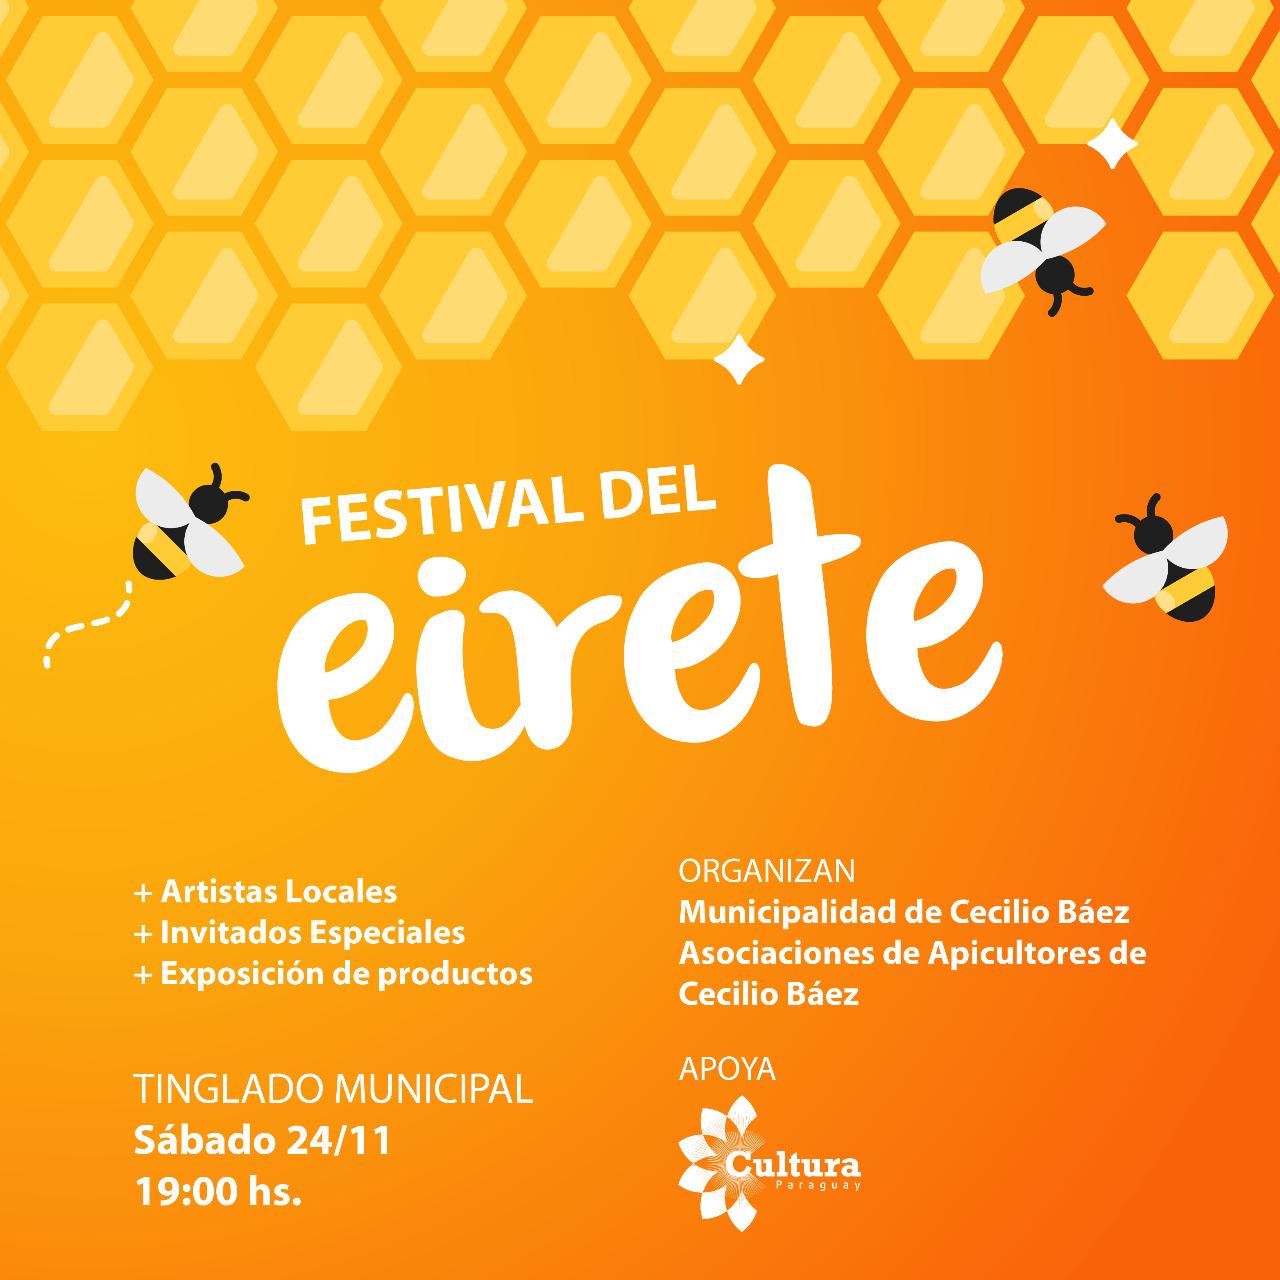 Realizarán el Primer Festival del Eireté en la ciudad Dr. Cecilio Báez de Caaguazú imagen